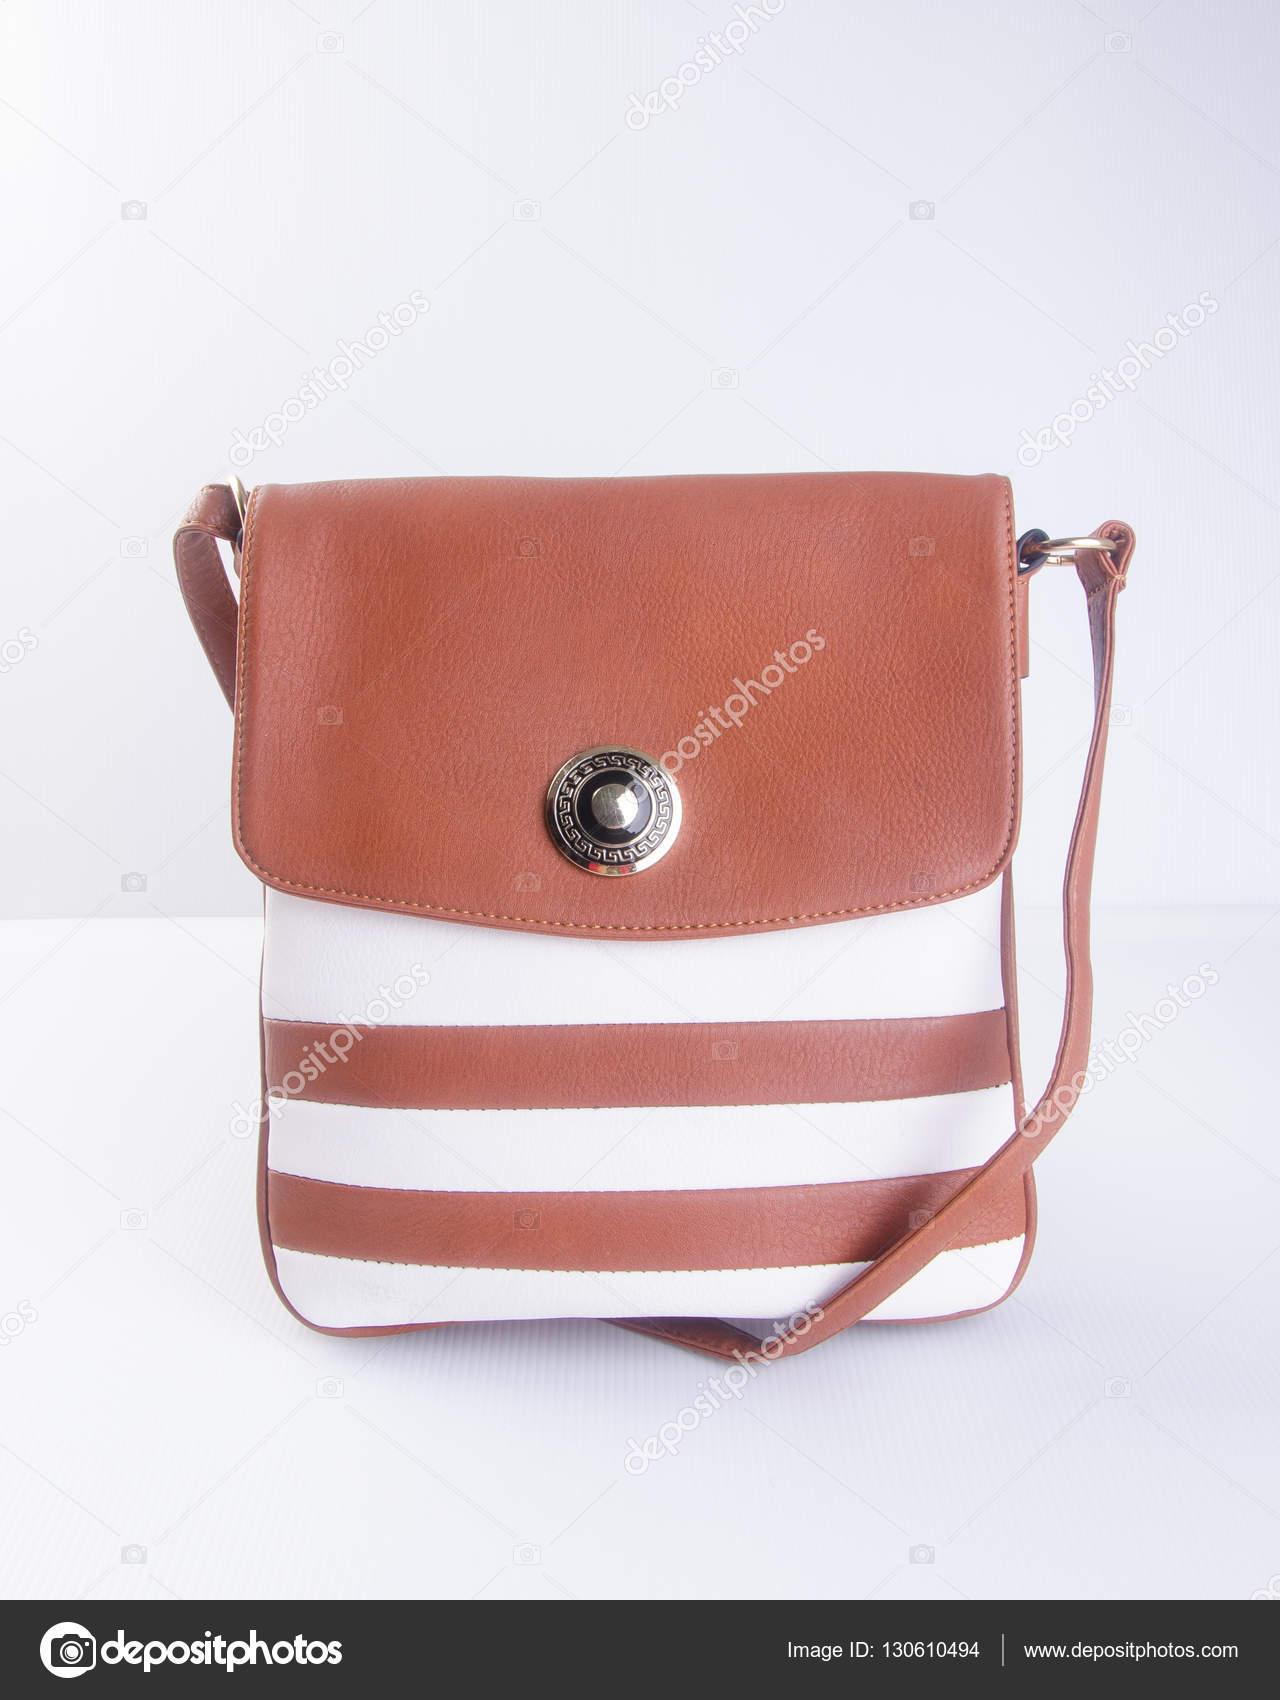 f845be382 Saco ou bolsa de couro marrom mulher no plano de fundo — Fotografia de Stock